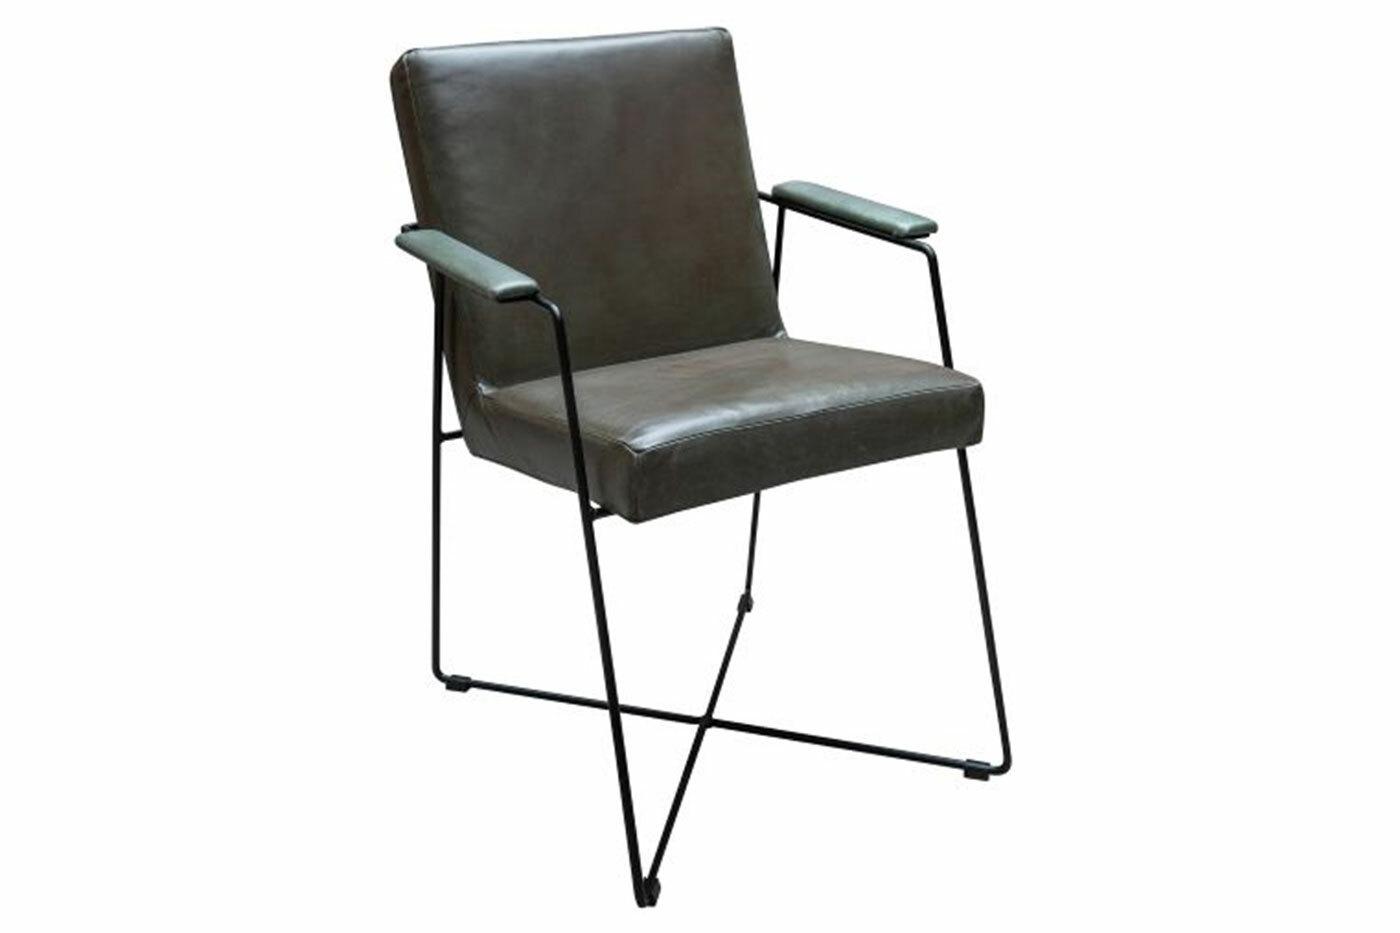 Küchenstuhl modern aus echtem Leder und Stahl